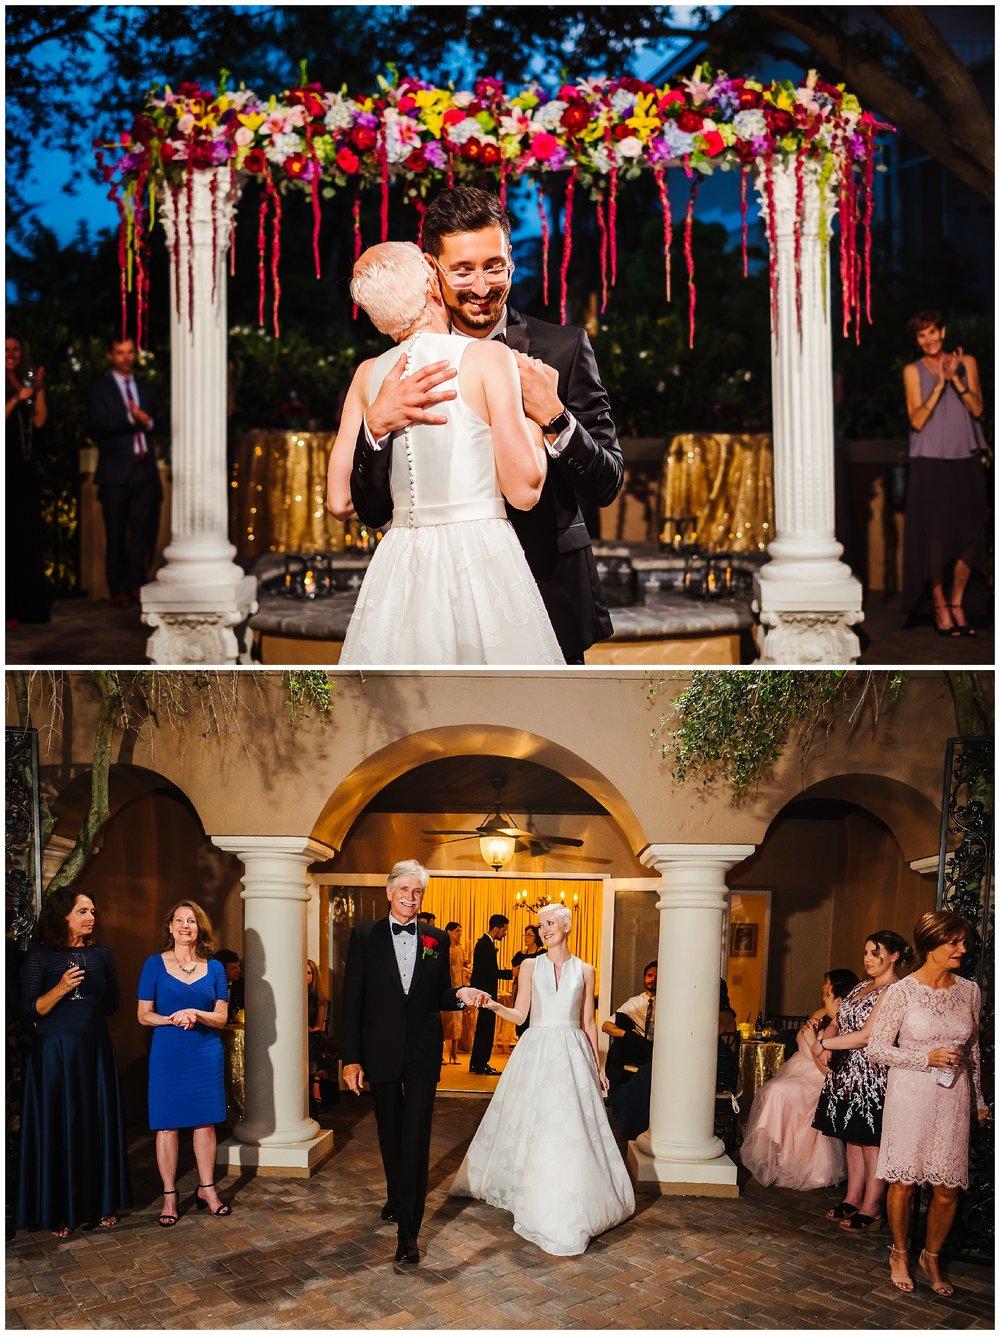 tierra-verde-st-pete-florida-home-luxury-wedding-greenery-pink-pixie-bride_0074.jpg